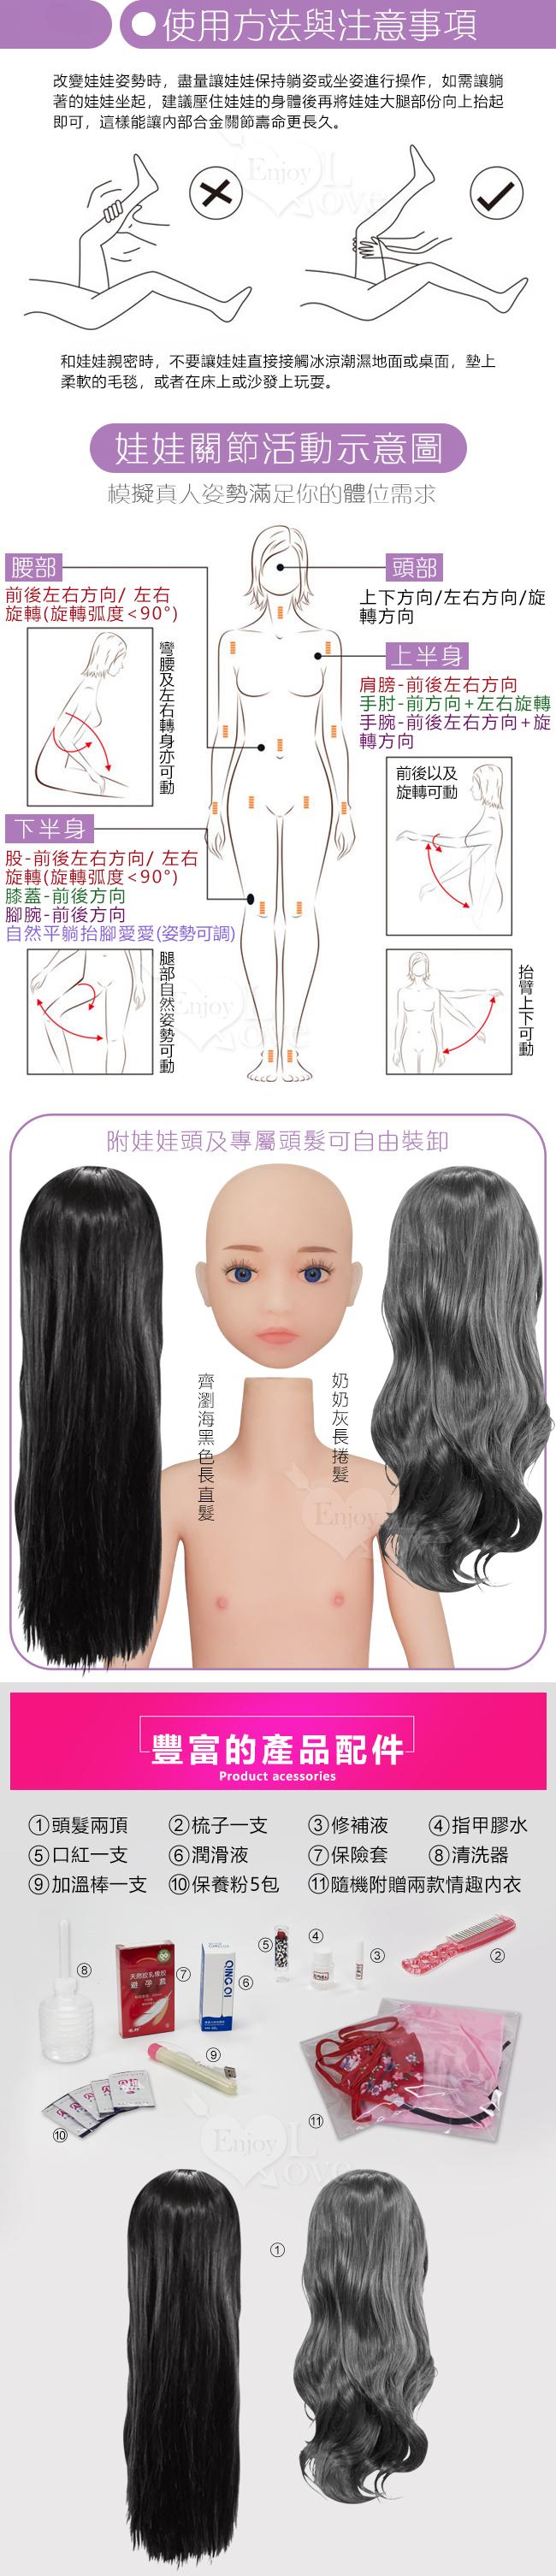 幼萌系蘿莉娃娃 - 小薇﹝128cm / 16.5kg﹞仿真1比1幼童體型設計